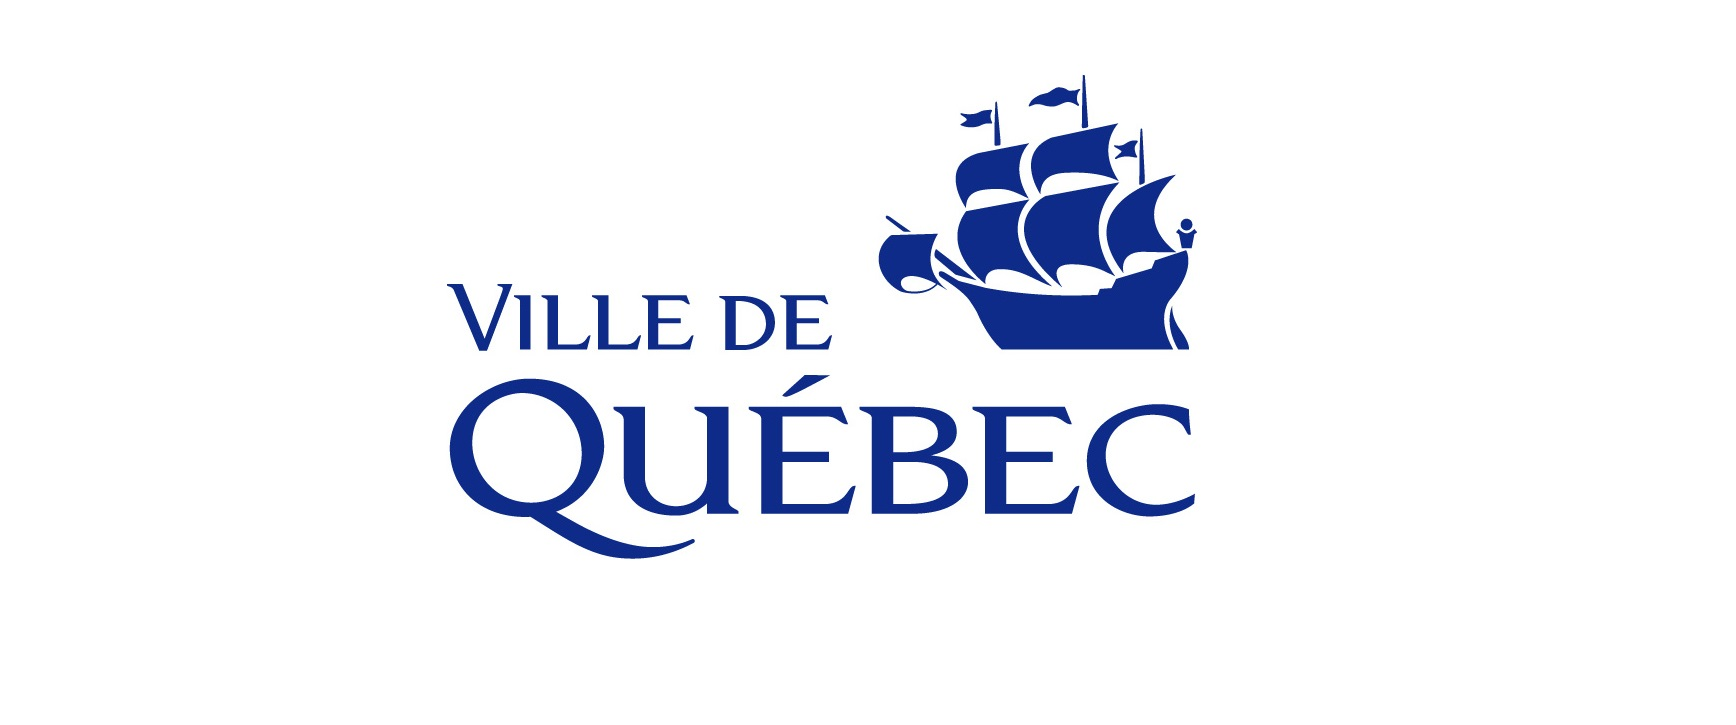 La Ville de Québec : Arts, culture et patrimoine